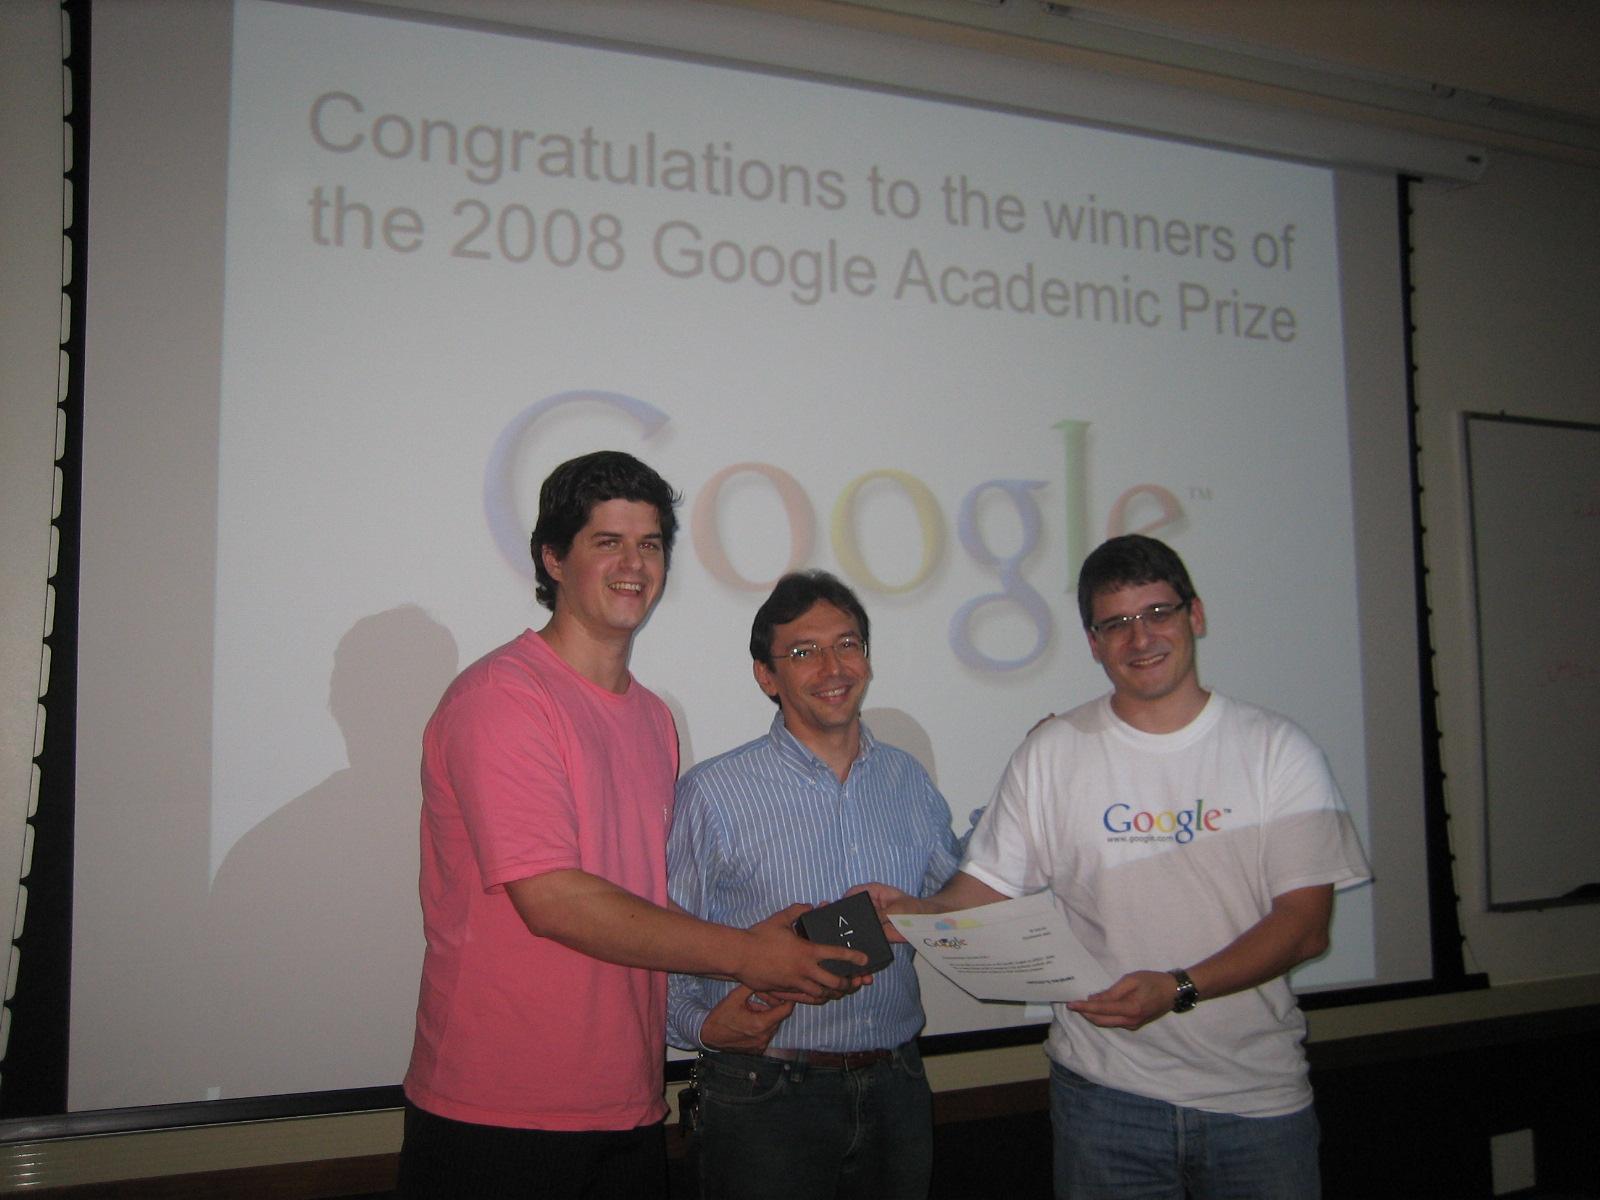 Kuhn's 2008 Google Academic Prize